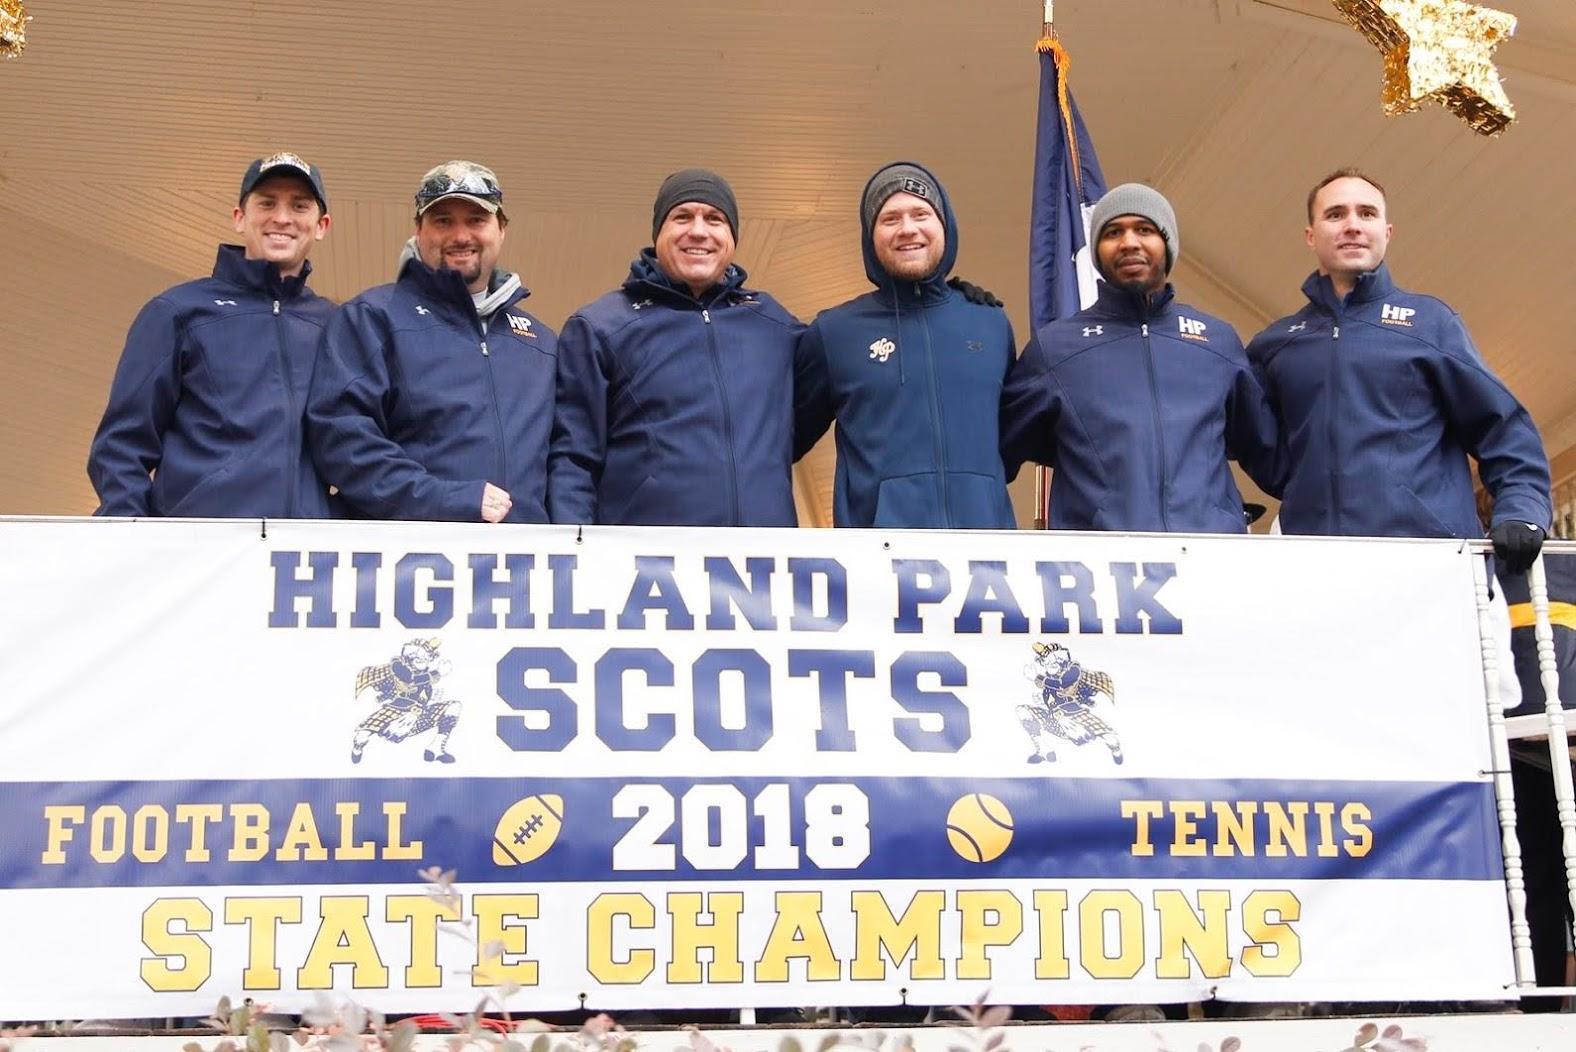 Scots champion parade coaches photo